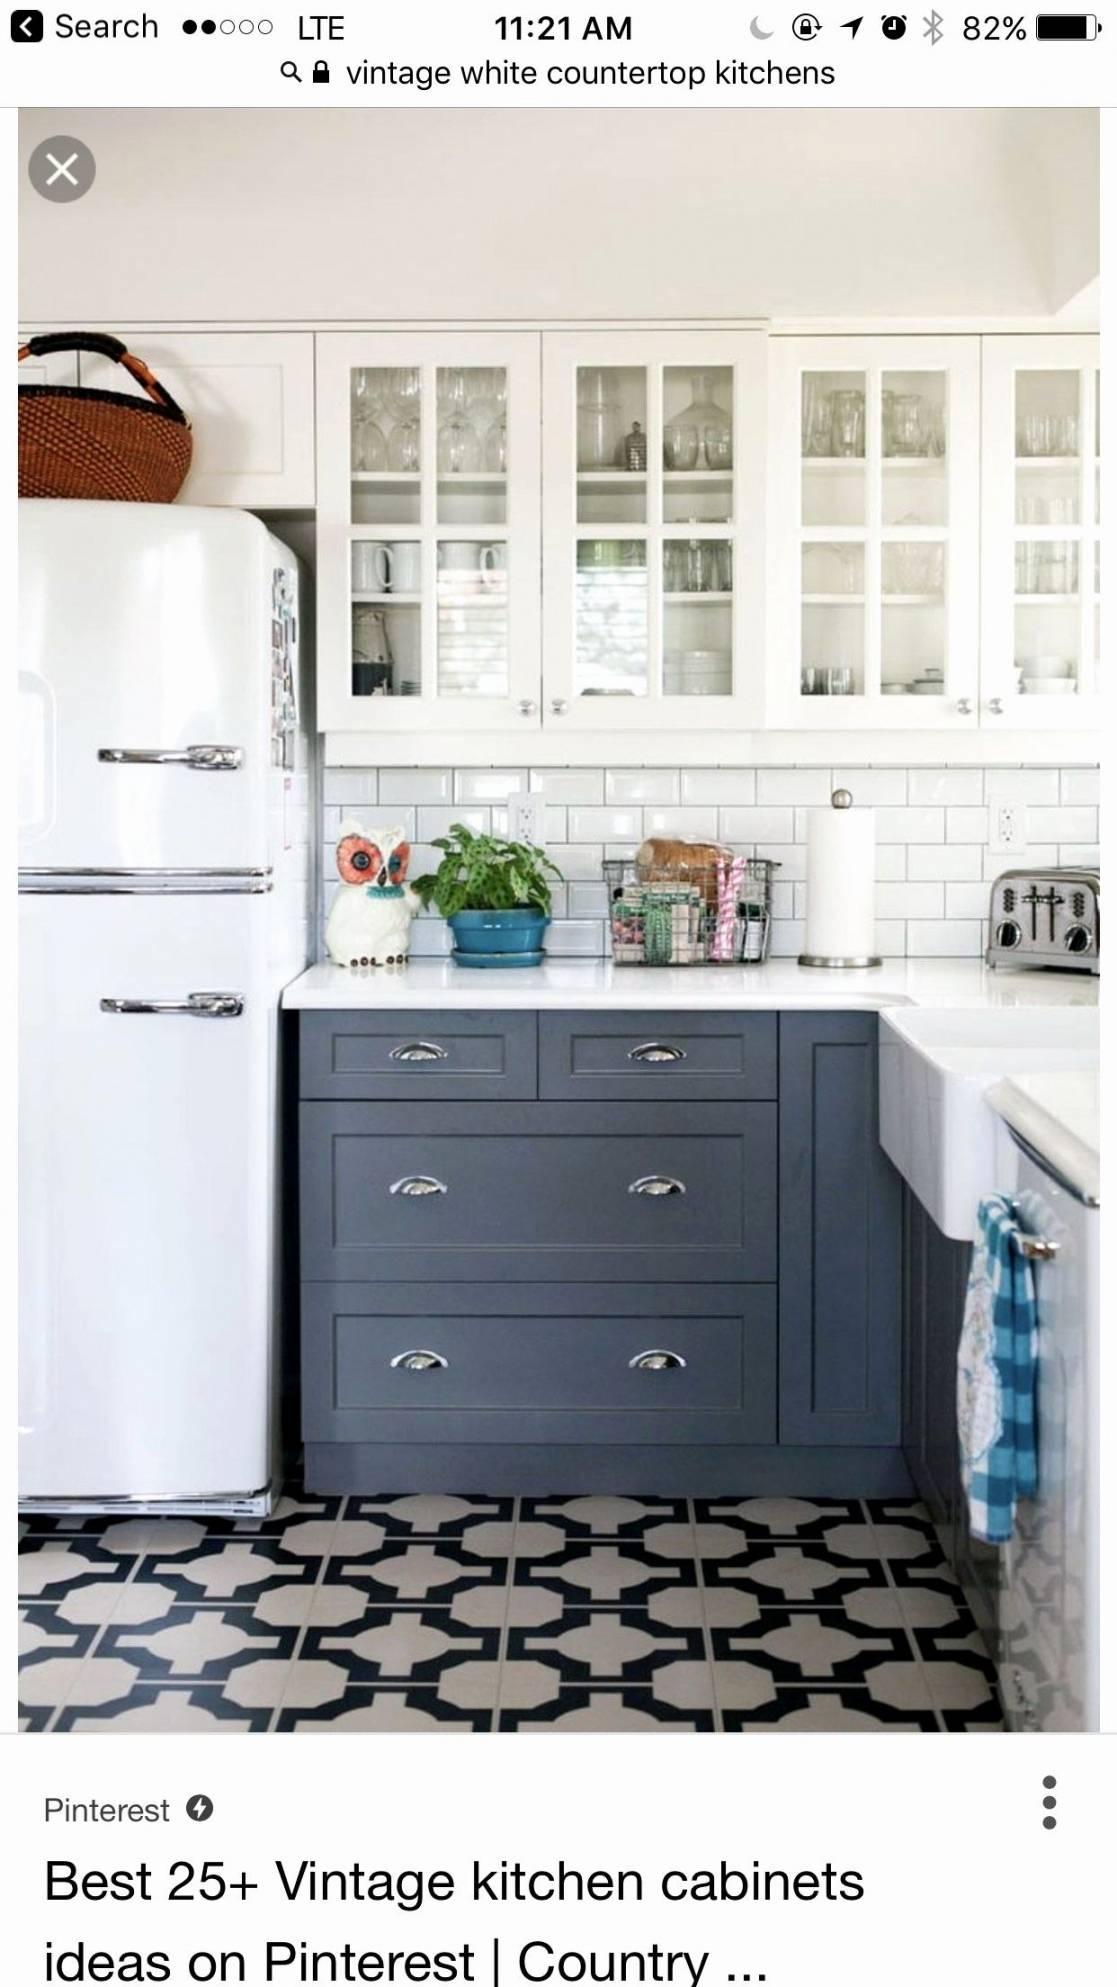 white kitchen ideas on pinterest awesome kitchens ideas with white cabinets white kitchen design 0d c2f amazing then white kitchen ideas